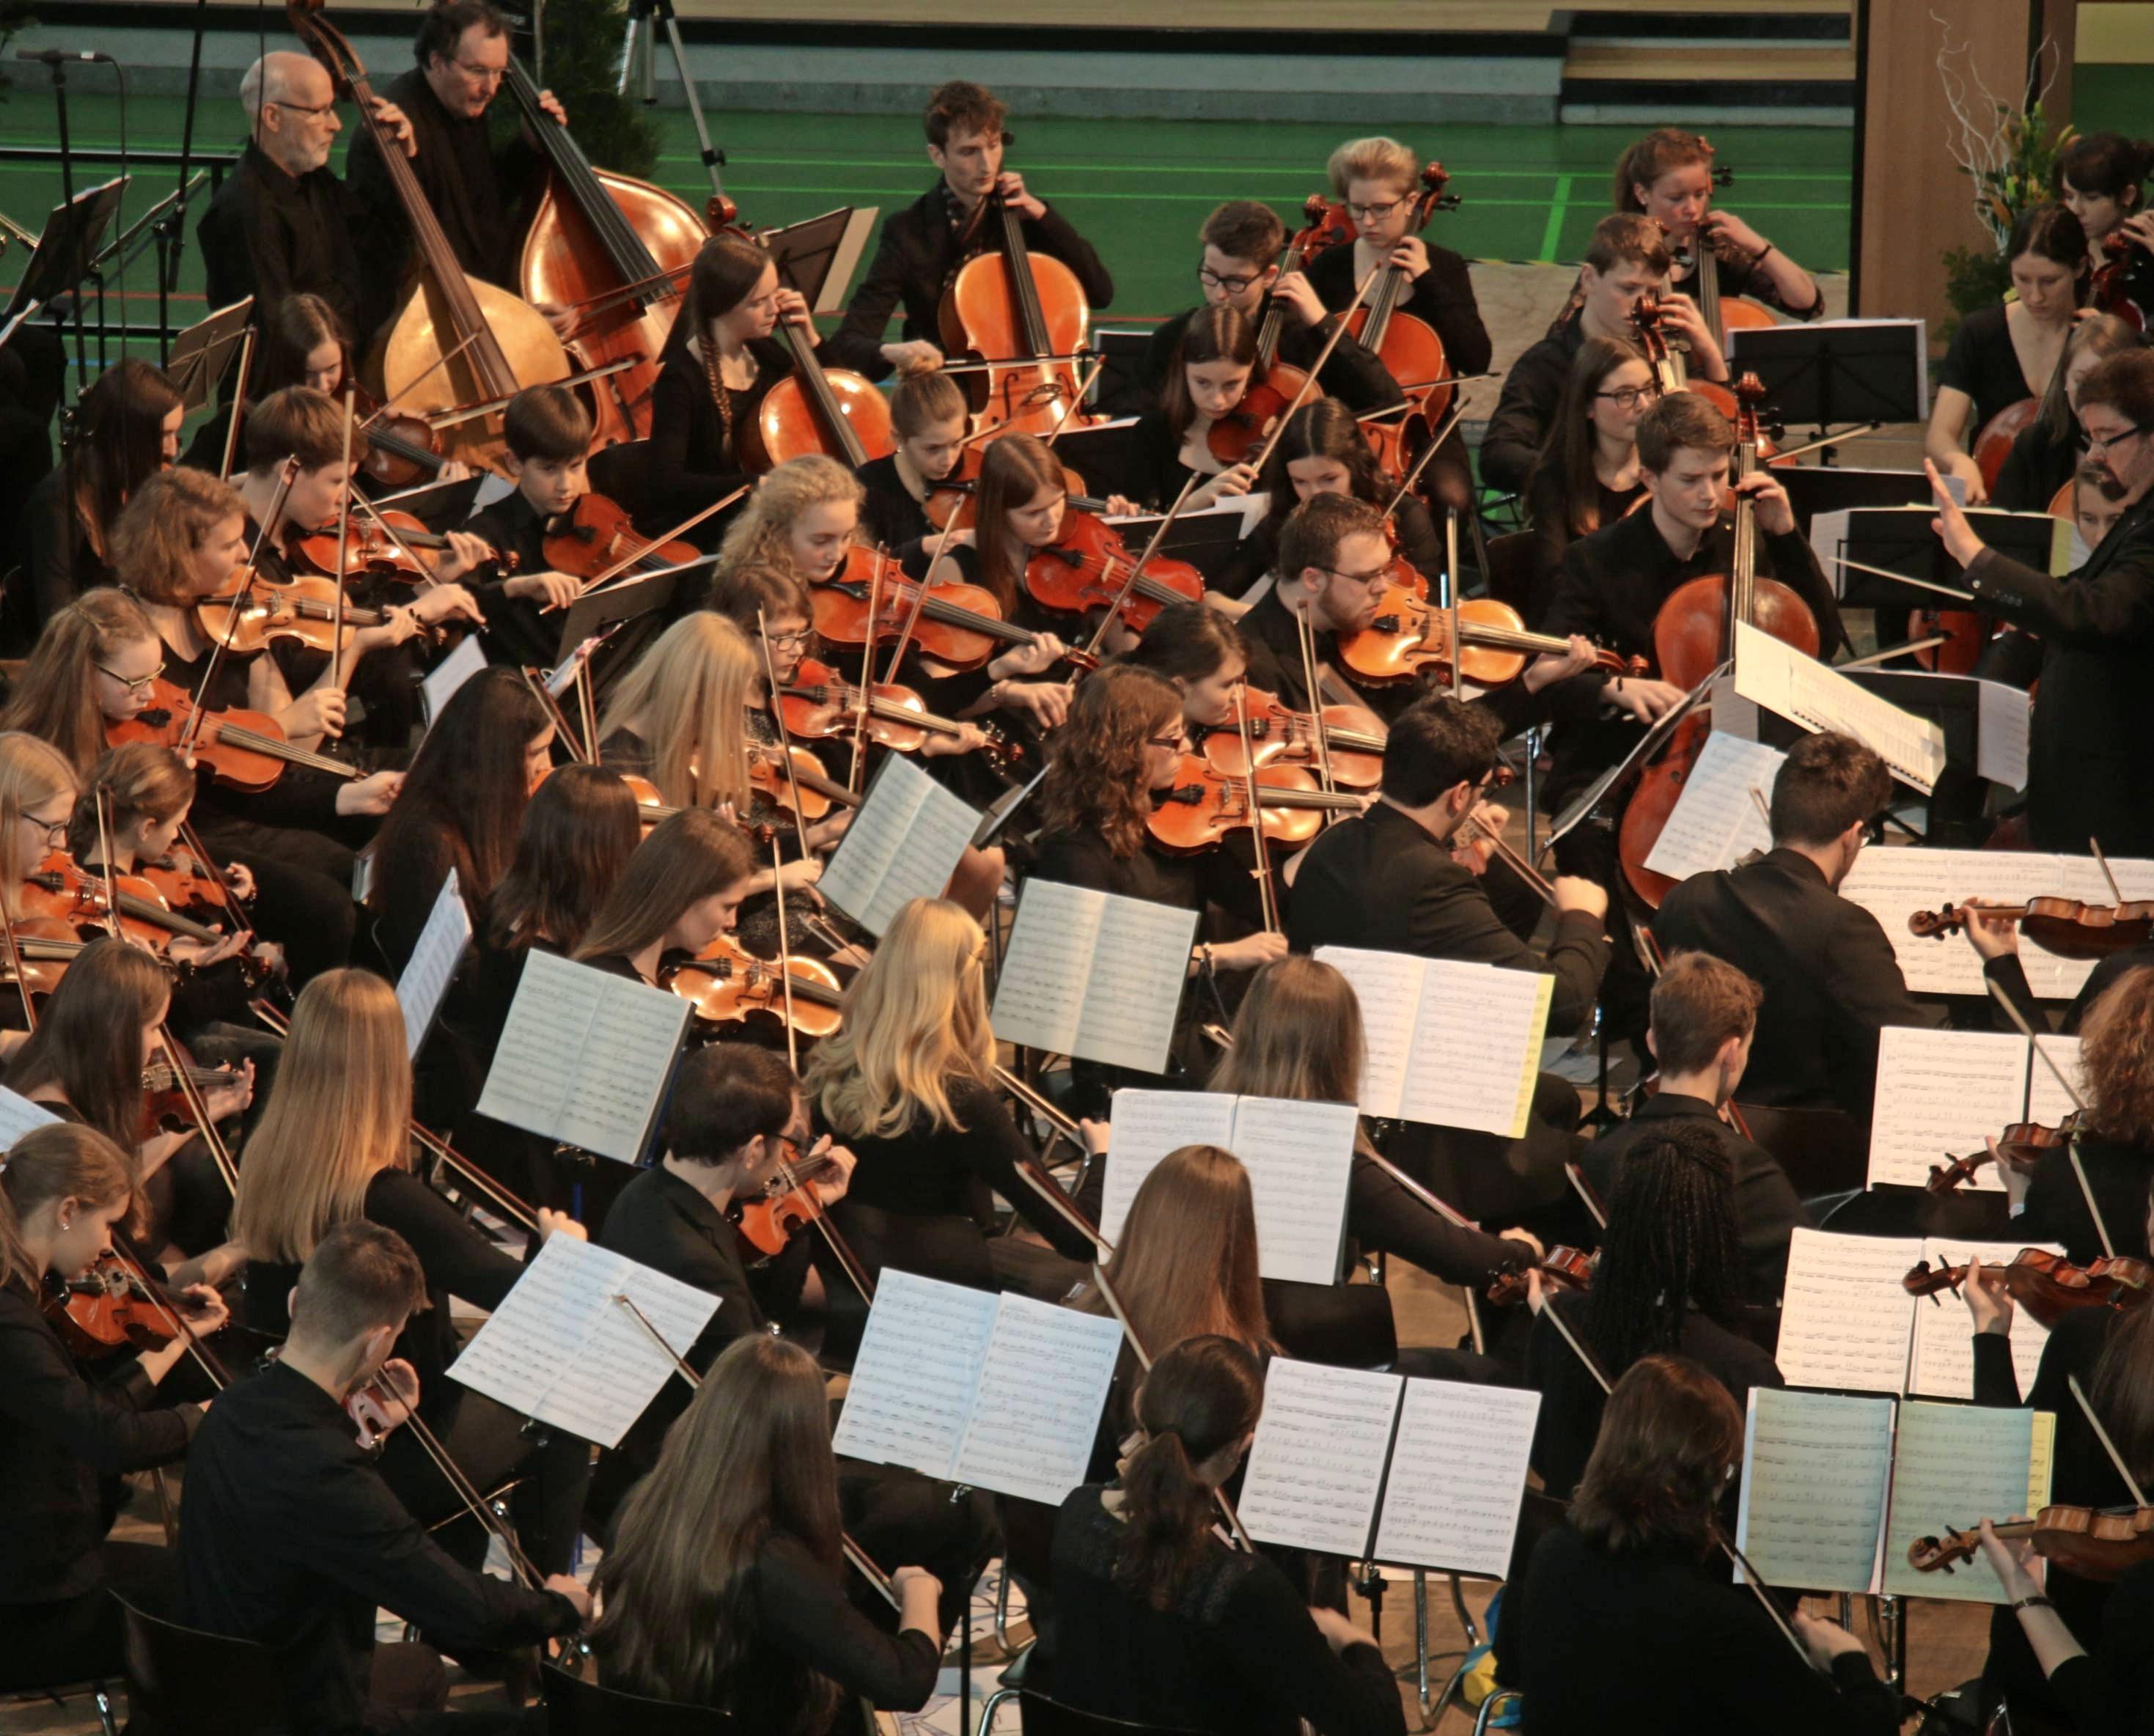 Traditionell gestaltet das Jugend-Sinfonieorchester der Musikschule das Neujahrskonzert in der Neckarsulmer Ballei. Foto: Archiv/Plückthun